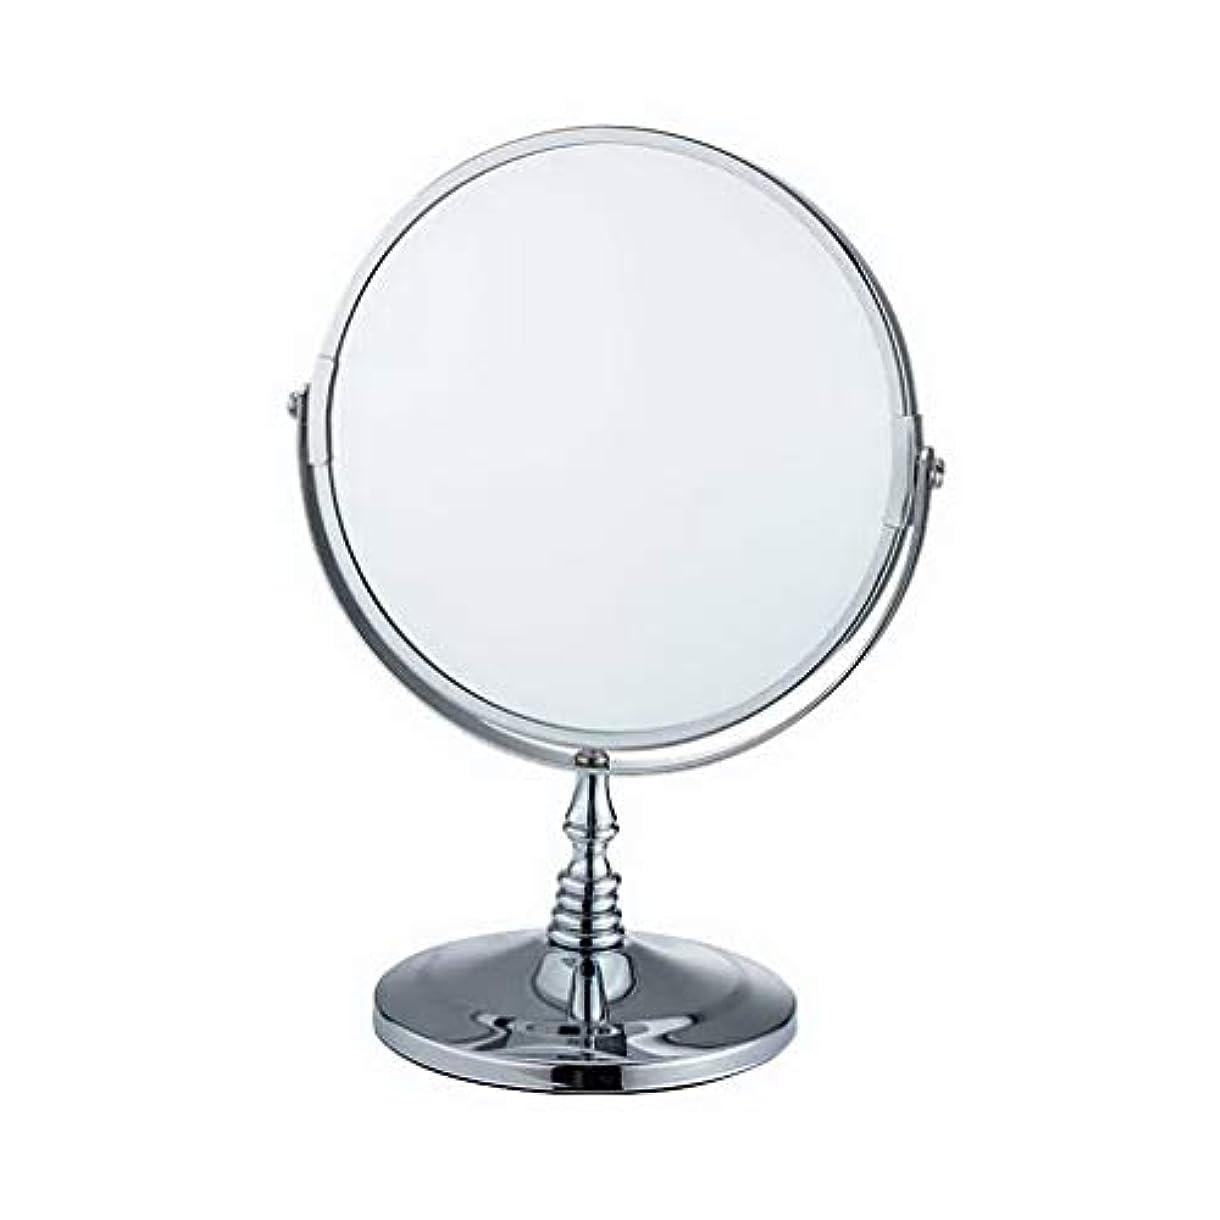 複合潮ペインACMEDE 化粧鏡 卓上鏡 鏡 拡大鏡 卓上 折りたたみ 2倍&3倍&5倍 明るさ調節可能 360°回転 メイク道具 両面化粧鏡 洋式アームミラー